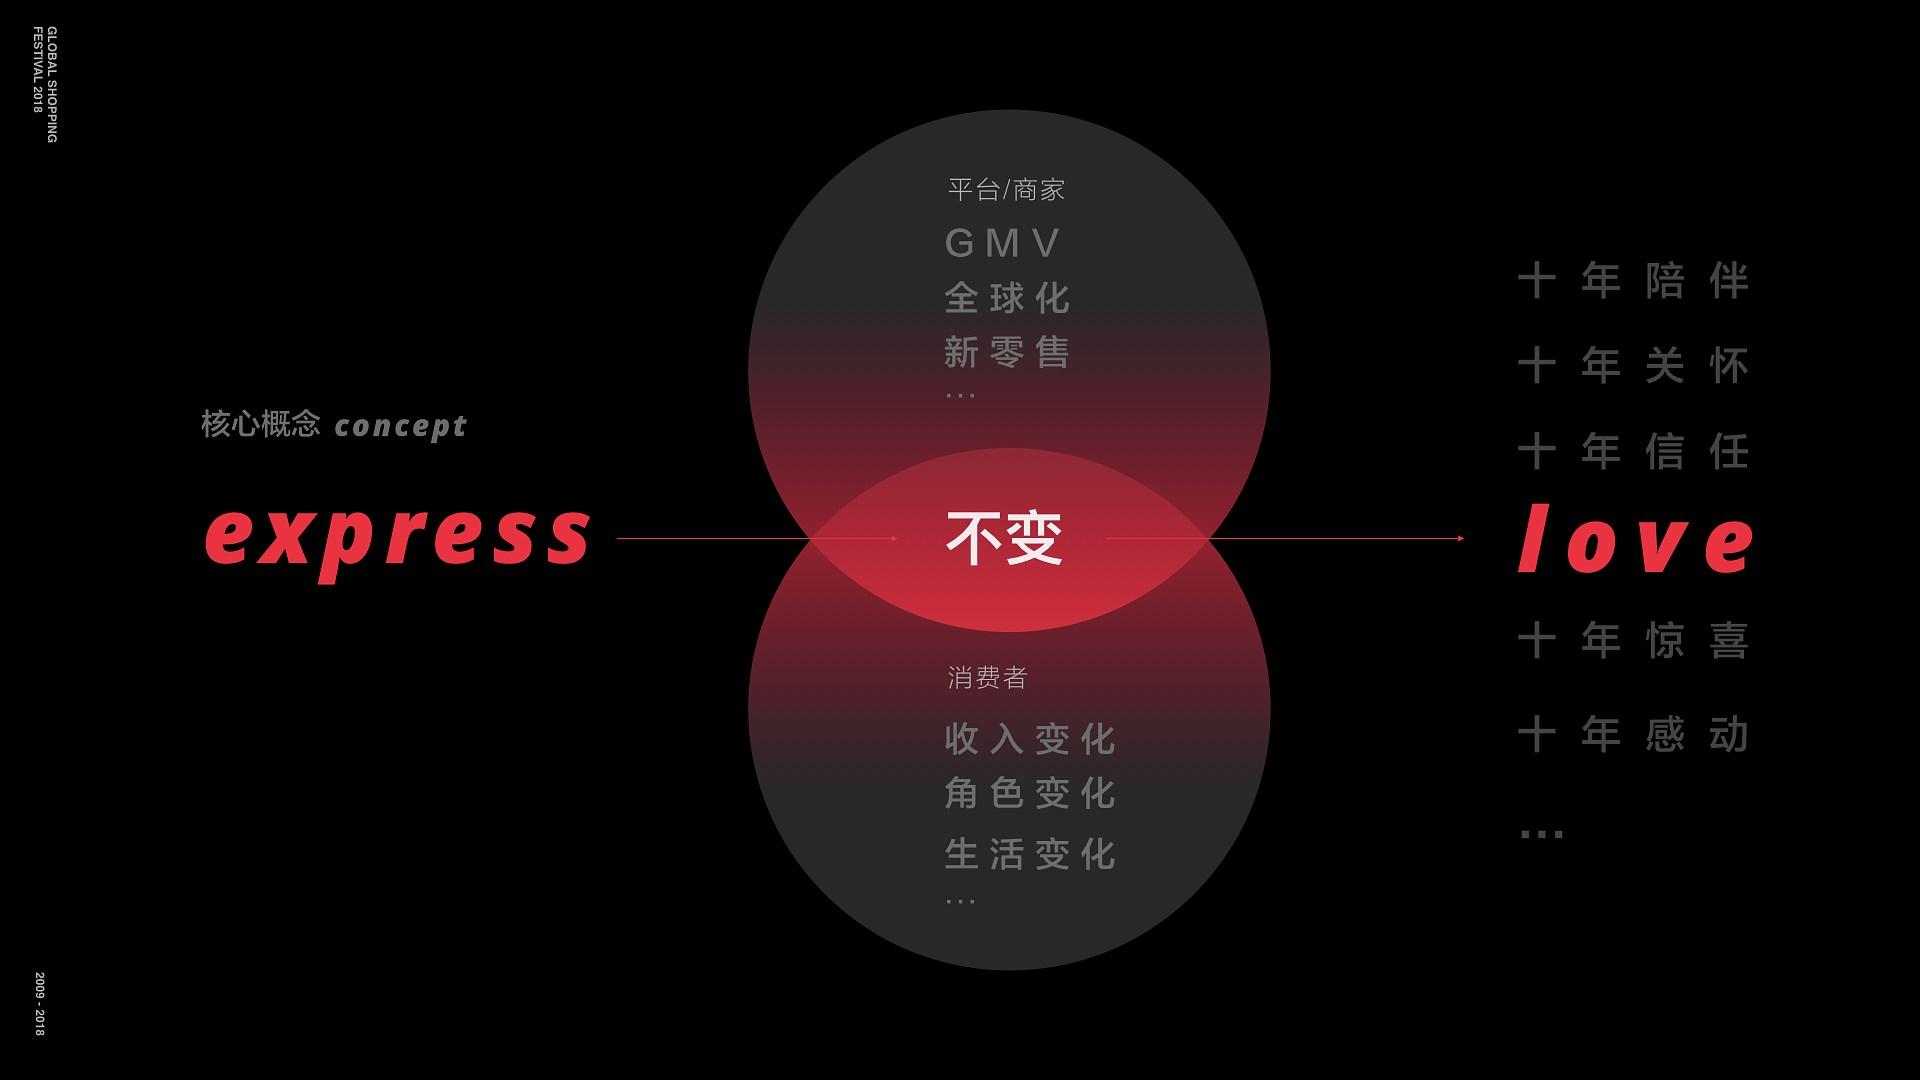 2018双十一品牌-官方揭秘设计全过程 (4).jpg